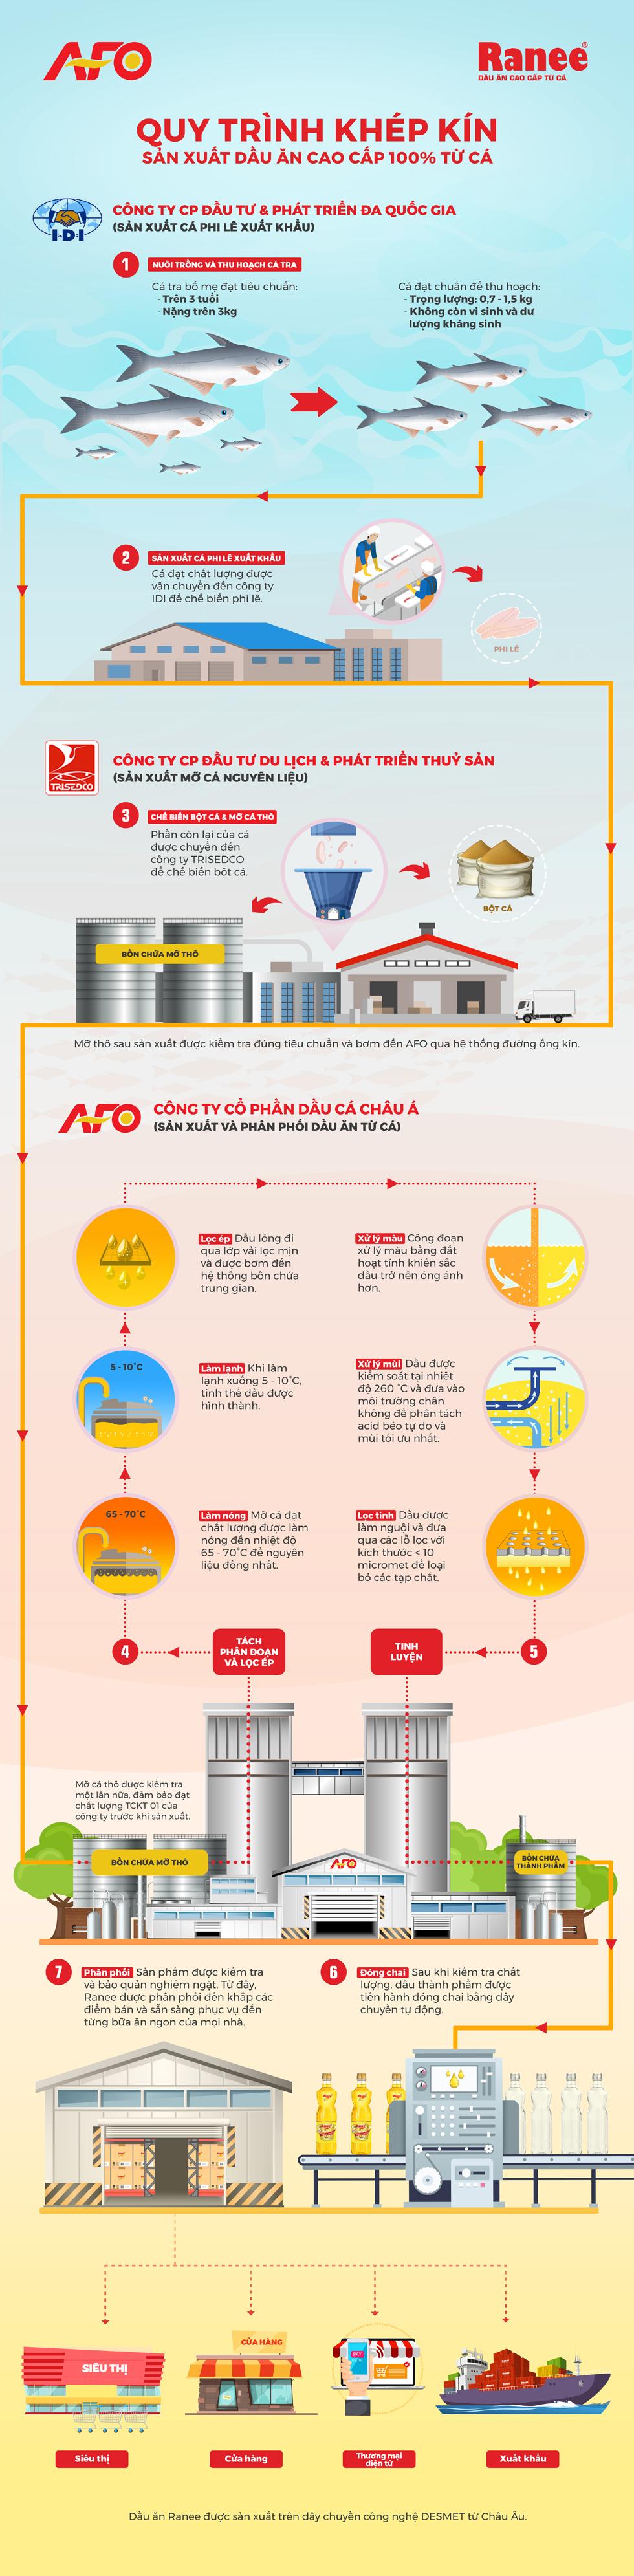 Quy trình tinh luyện dầu ăn cao cấp Ranee